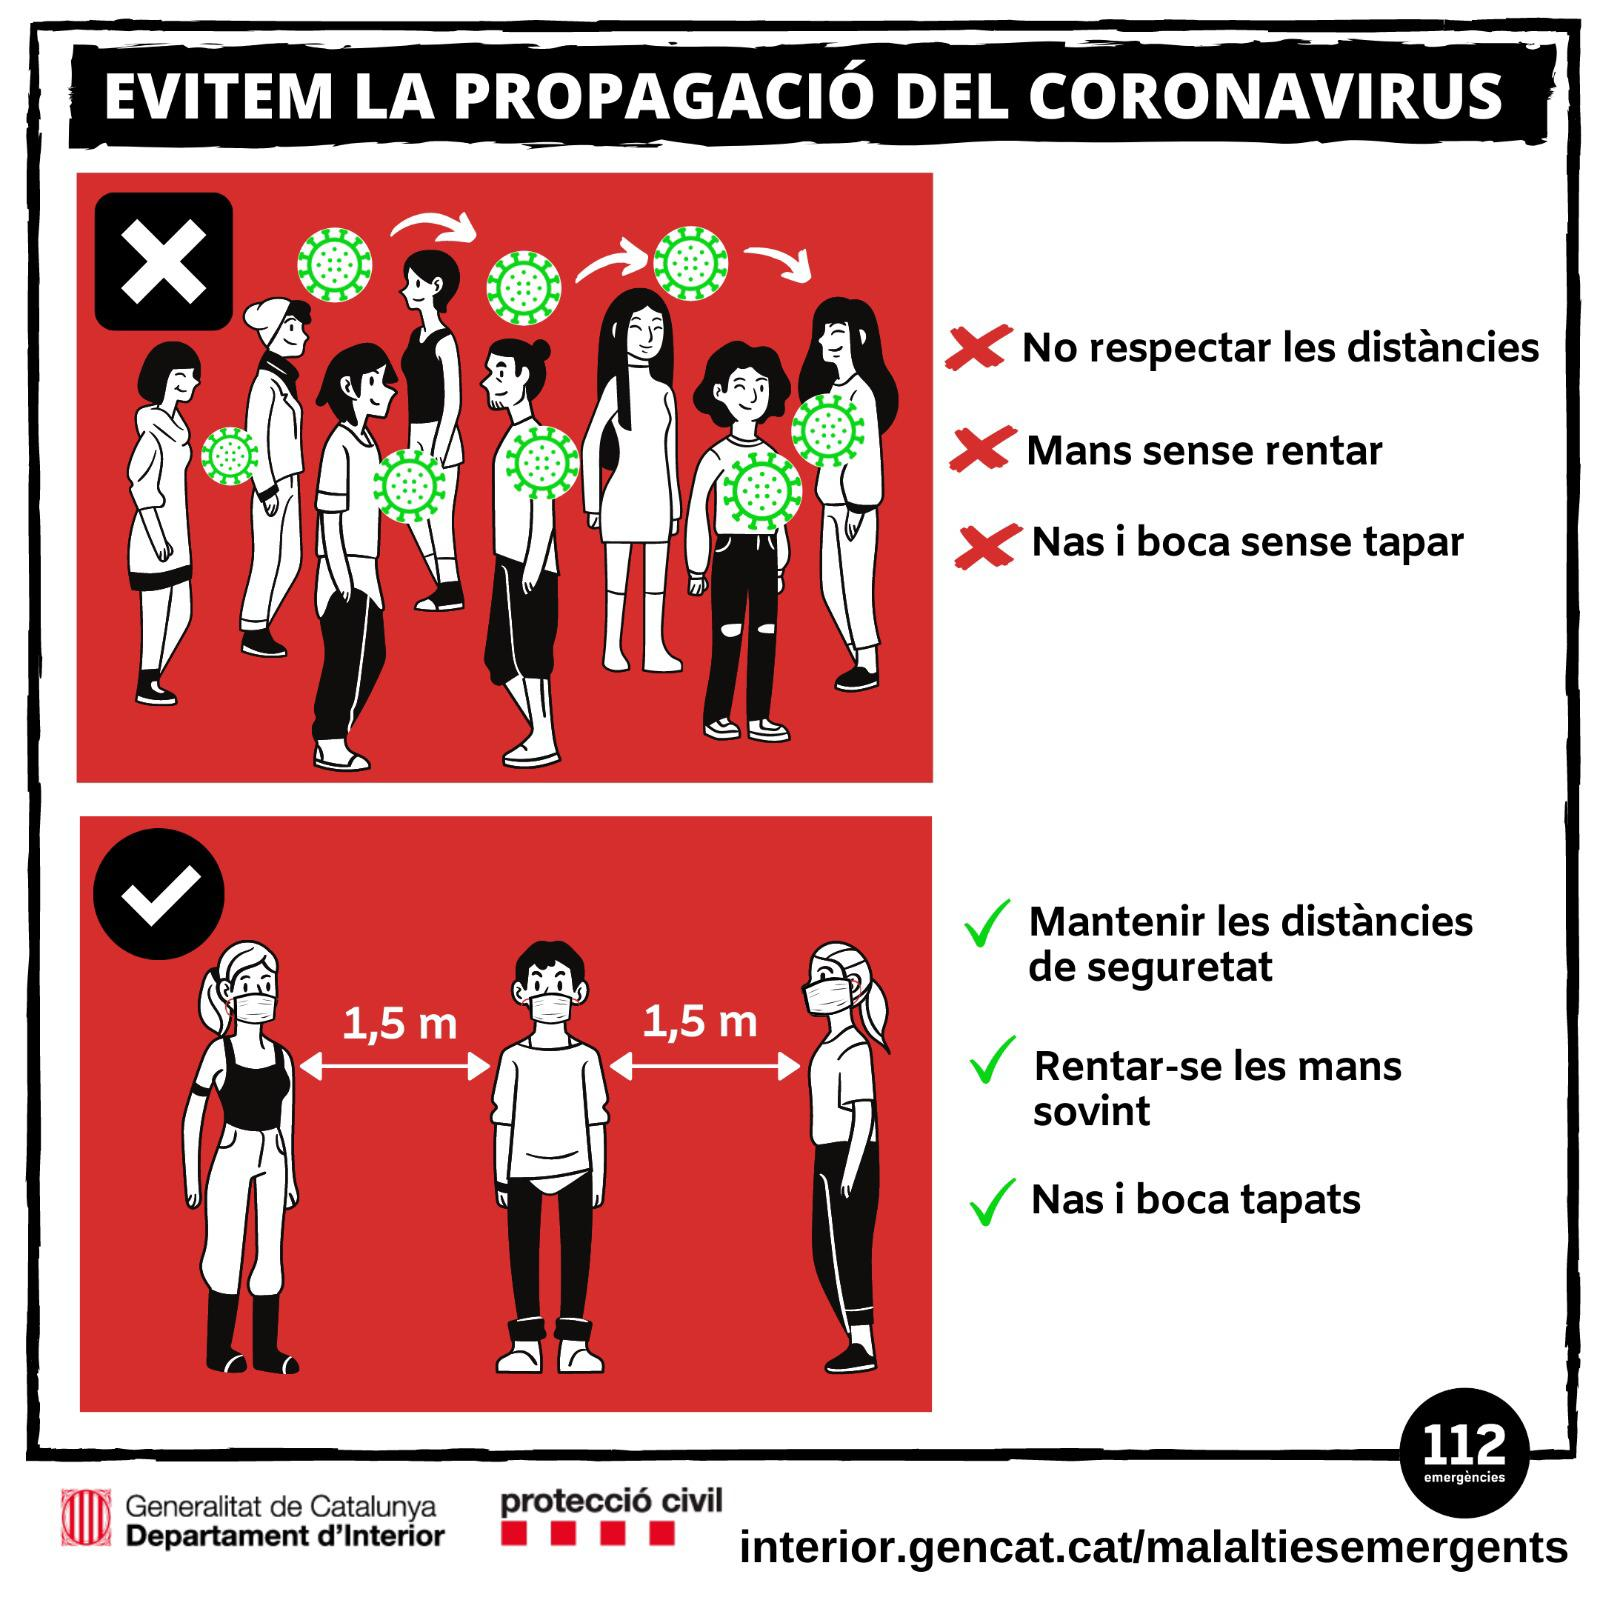 Evitem la propagació del coronavirus seguint les mesures de prevenció